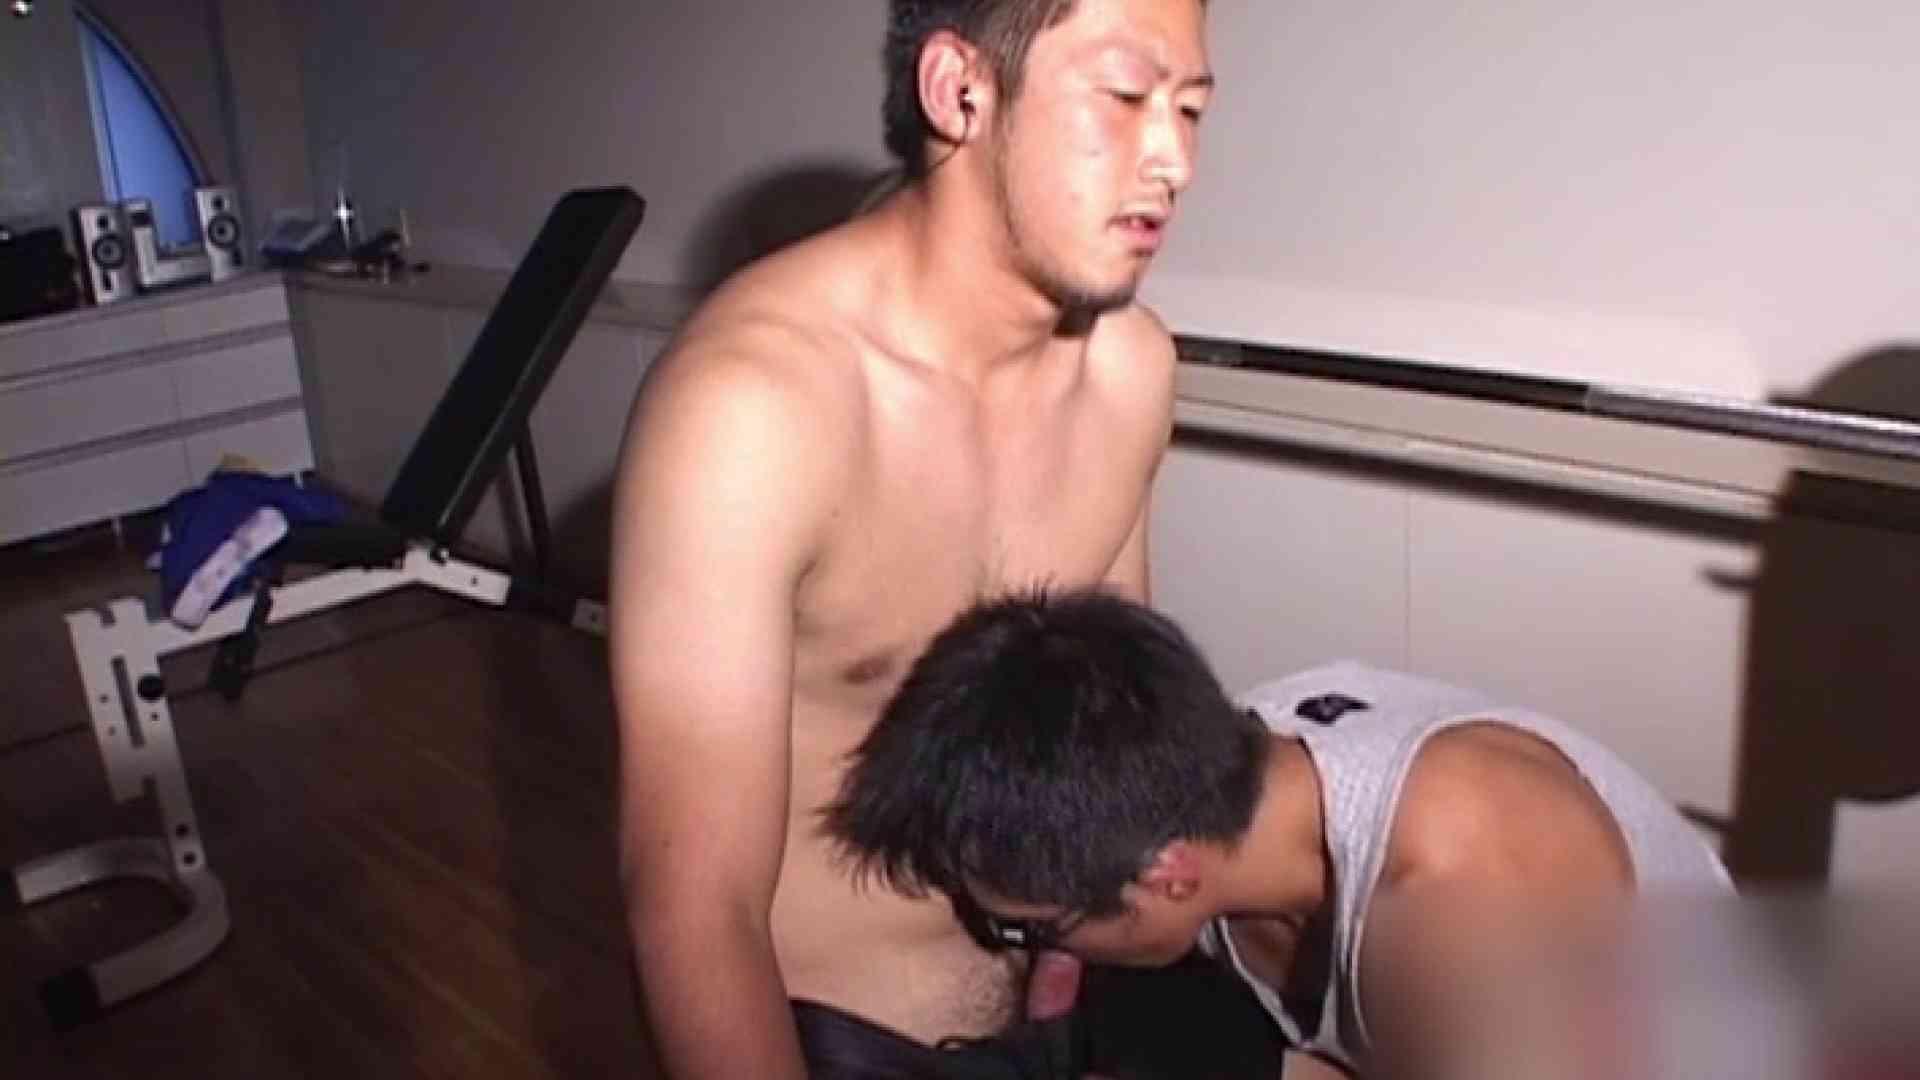 珍肉も筋肉の内!!vol.1 手淫 AV動画 86枚 45